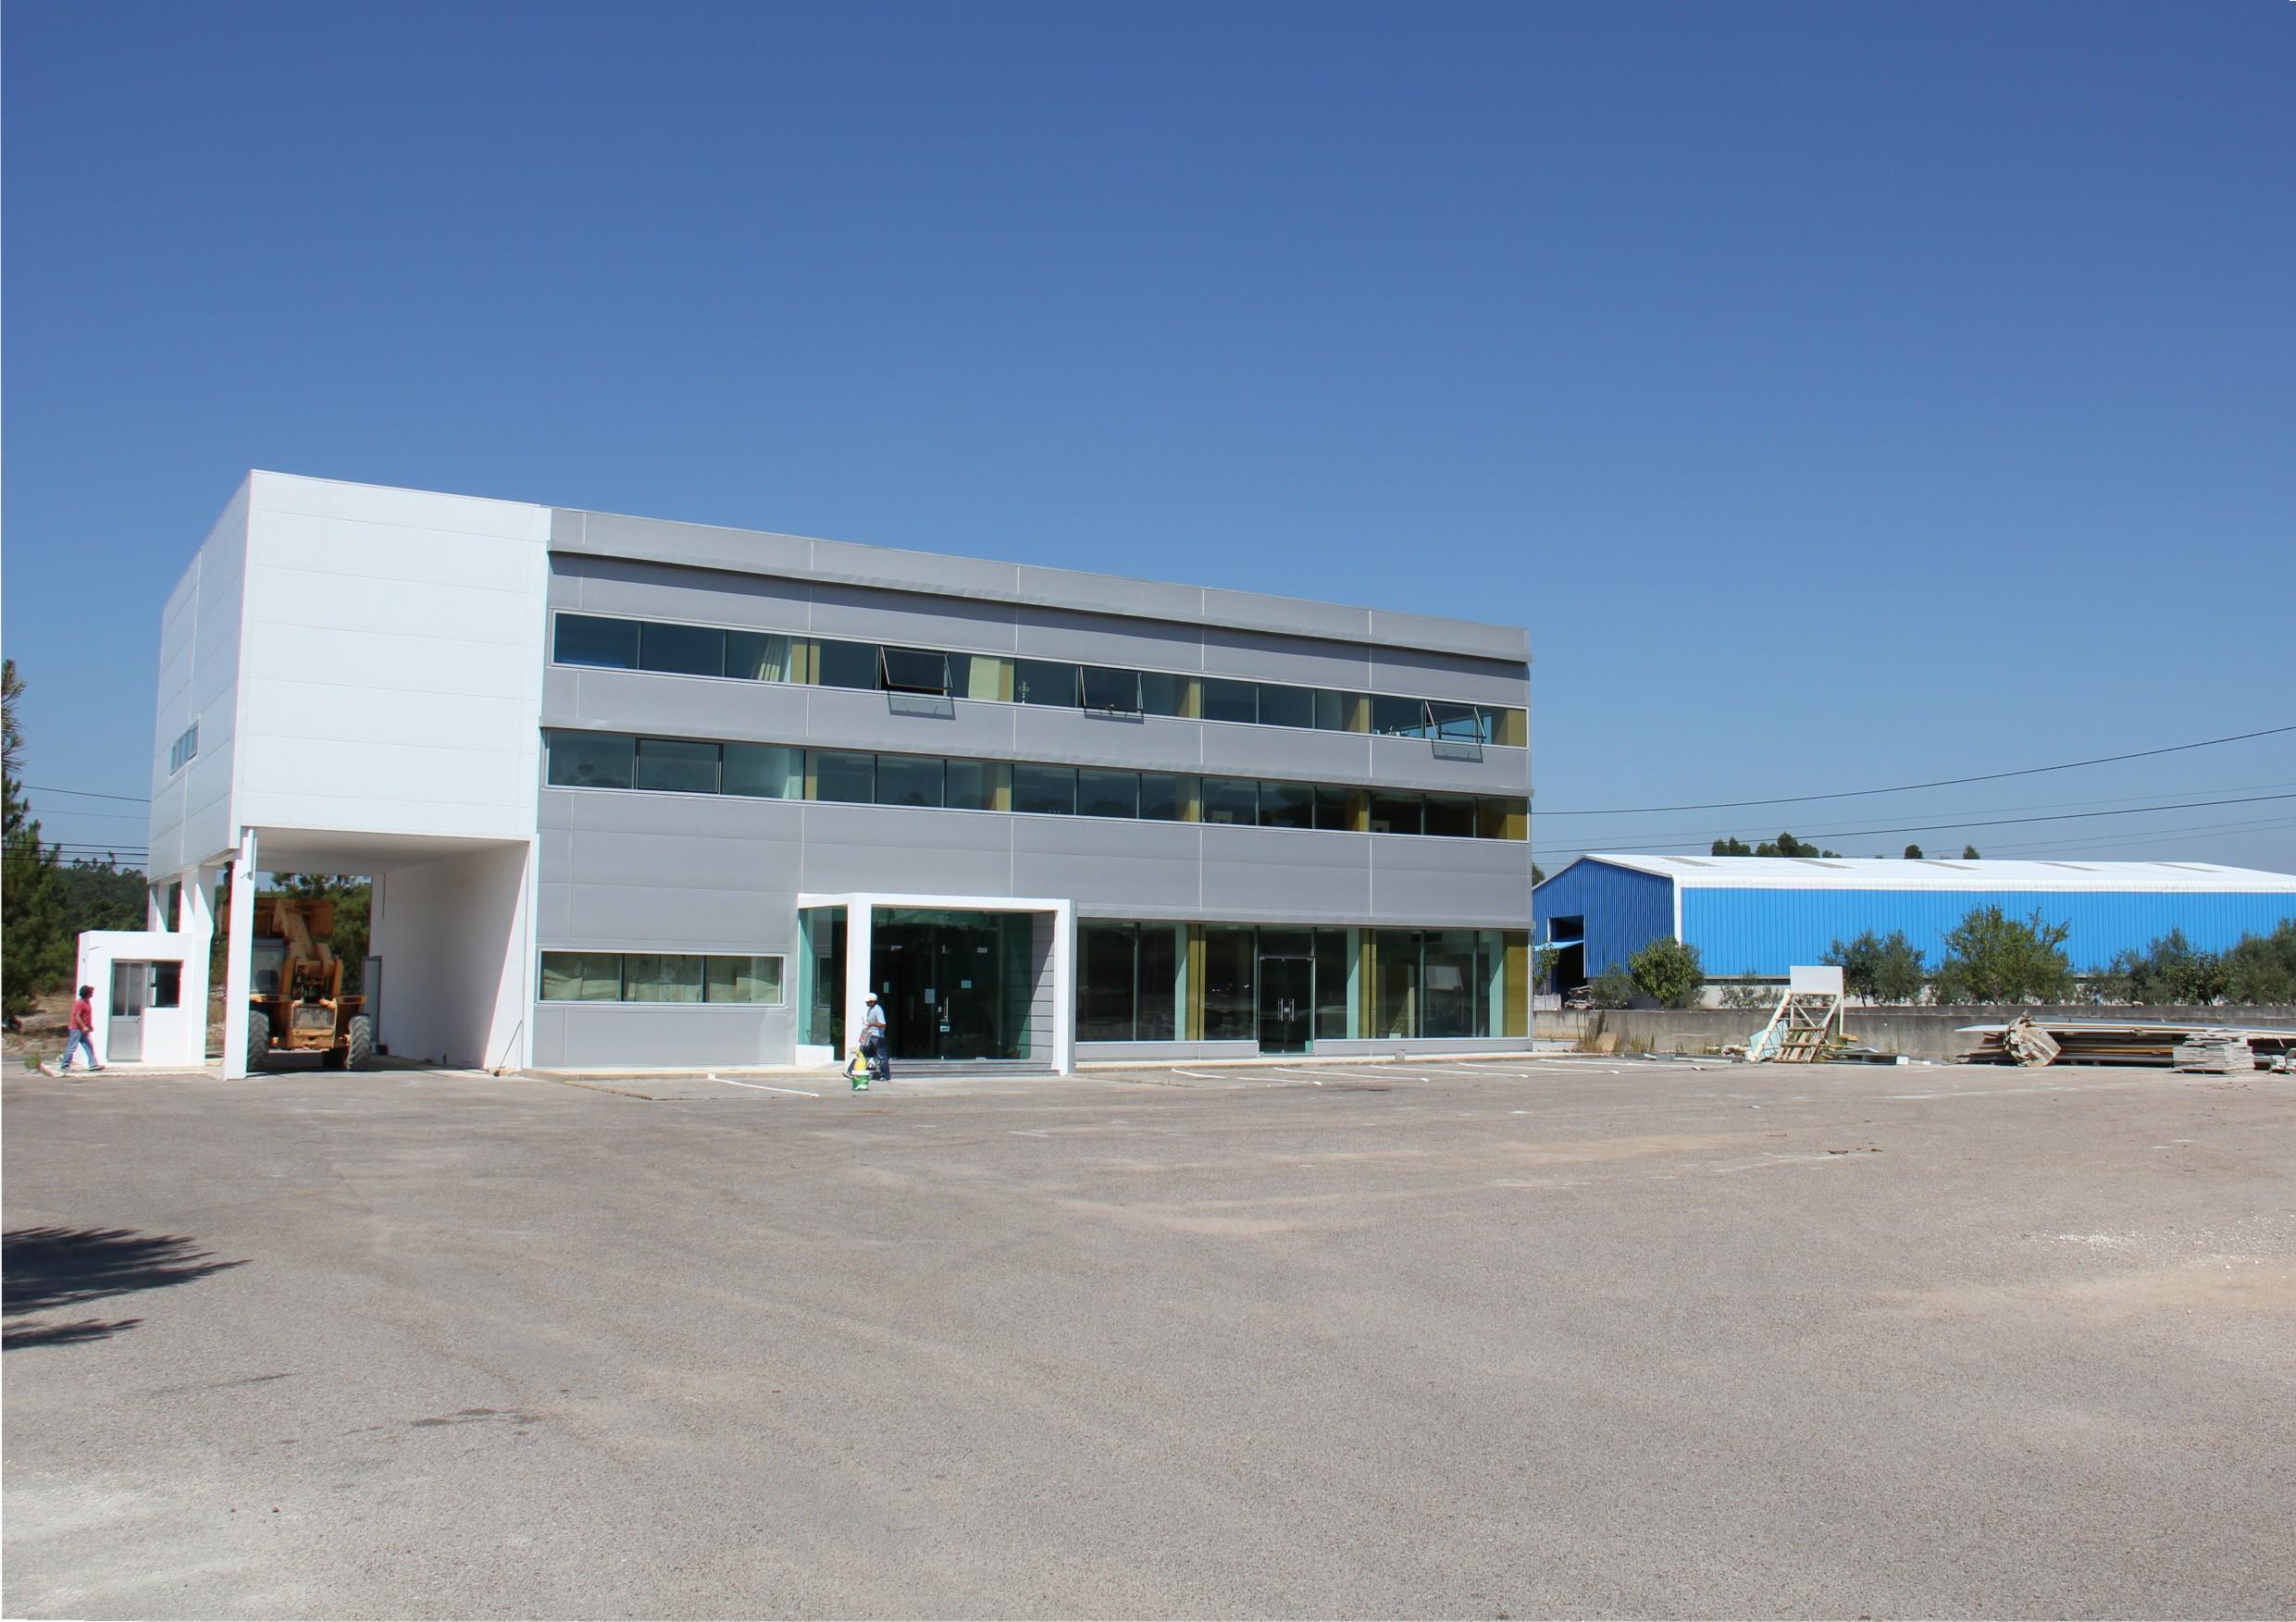 Paulo Miguez Arquitectos - AJI 6.jpg